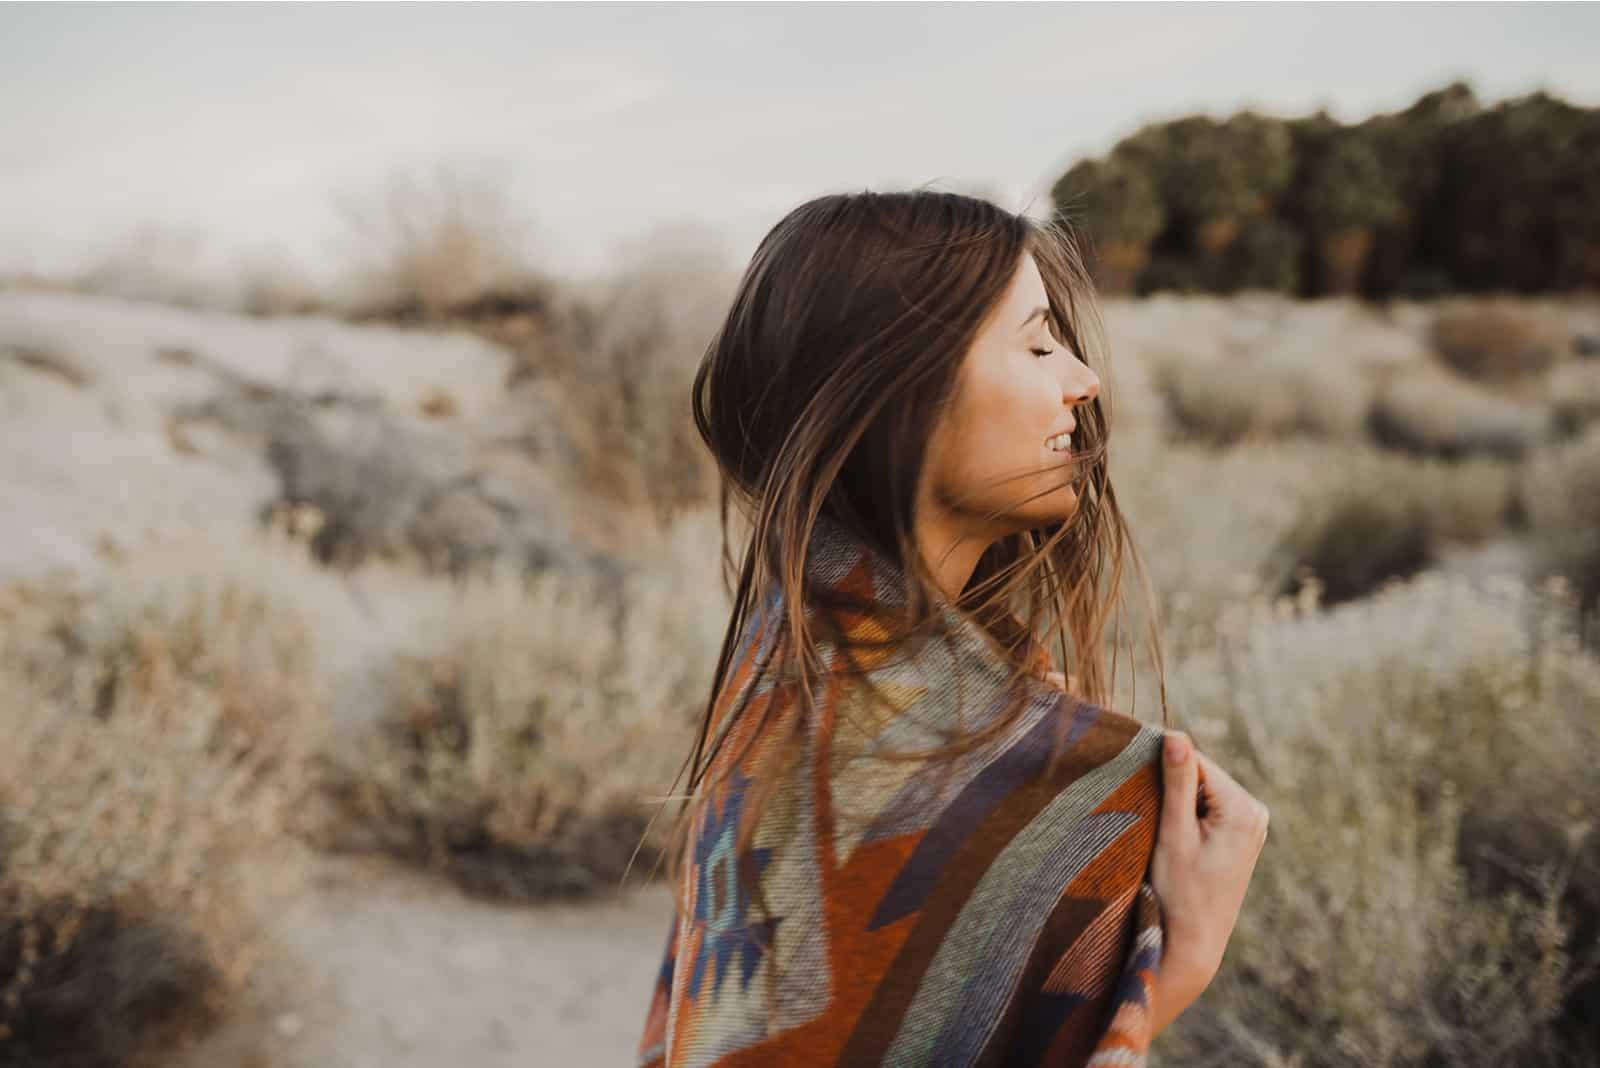 Reisendes Mädchen im Zigeunerlook und windigen Haaren